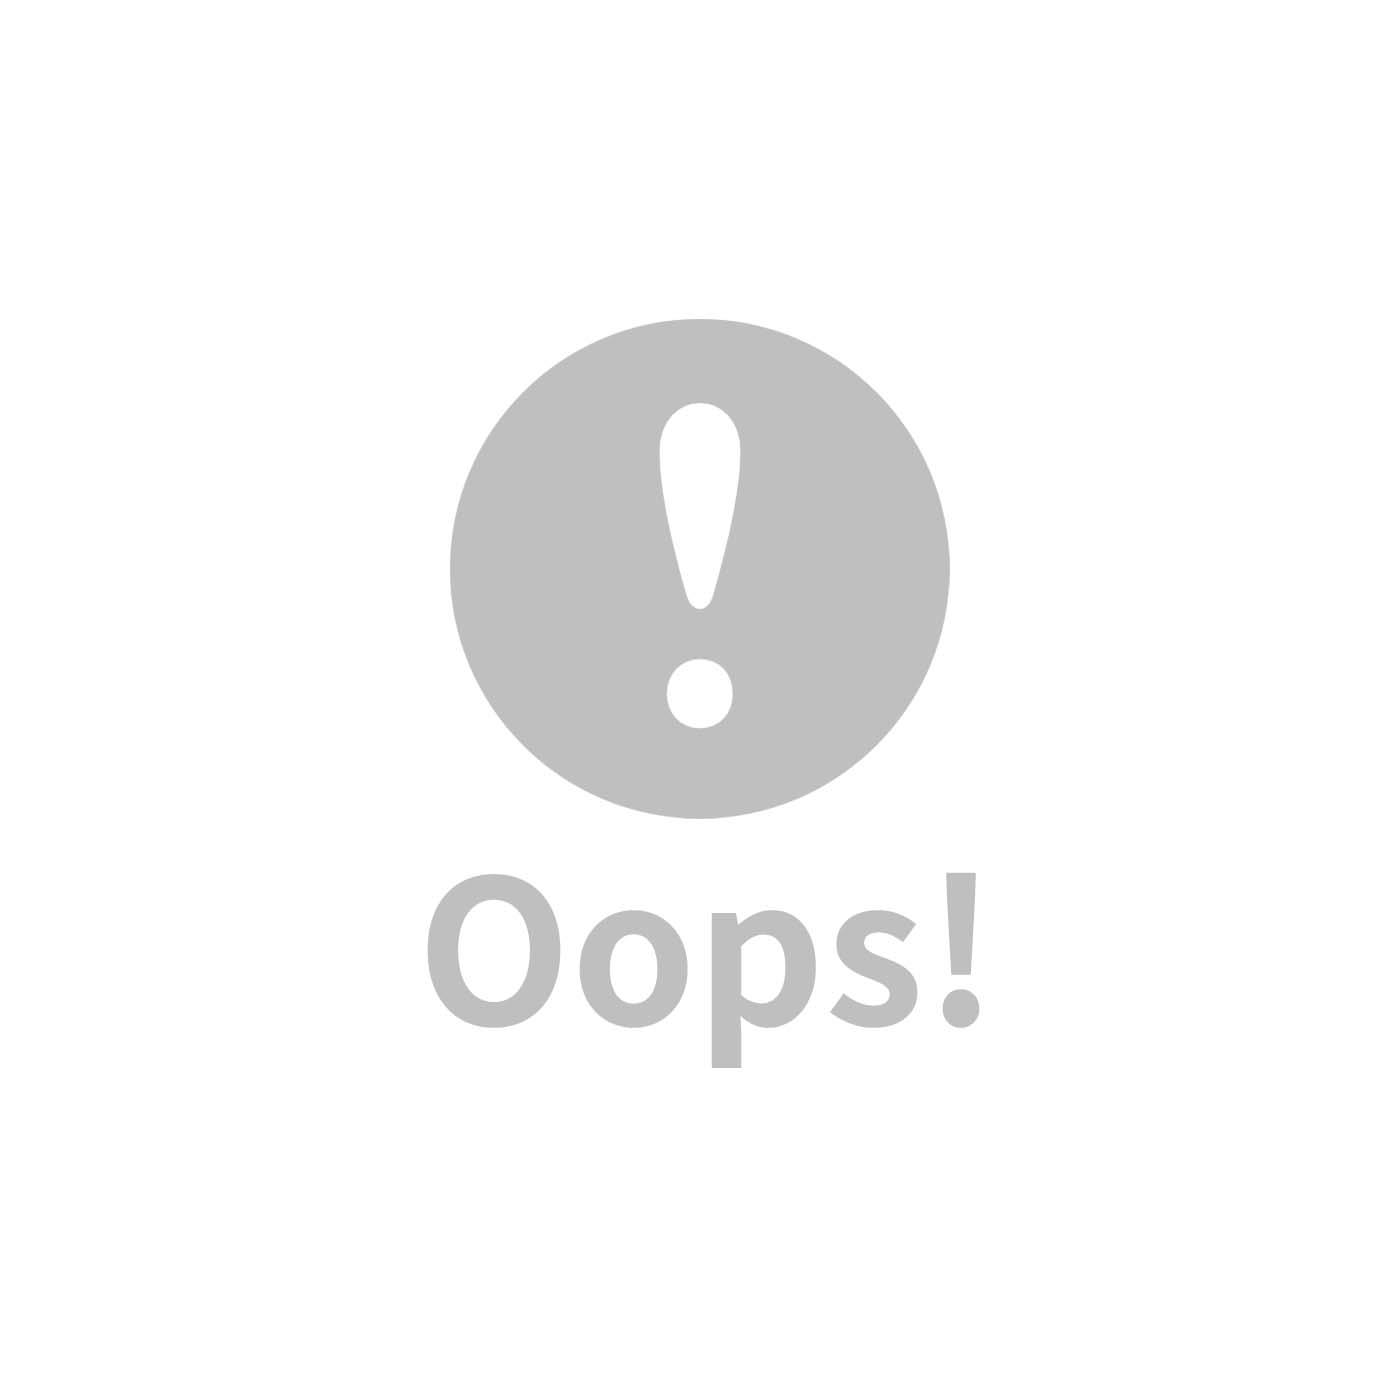 global affairs 童話手工編織安撫玩偶2(36cm)-斑馬妹